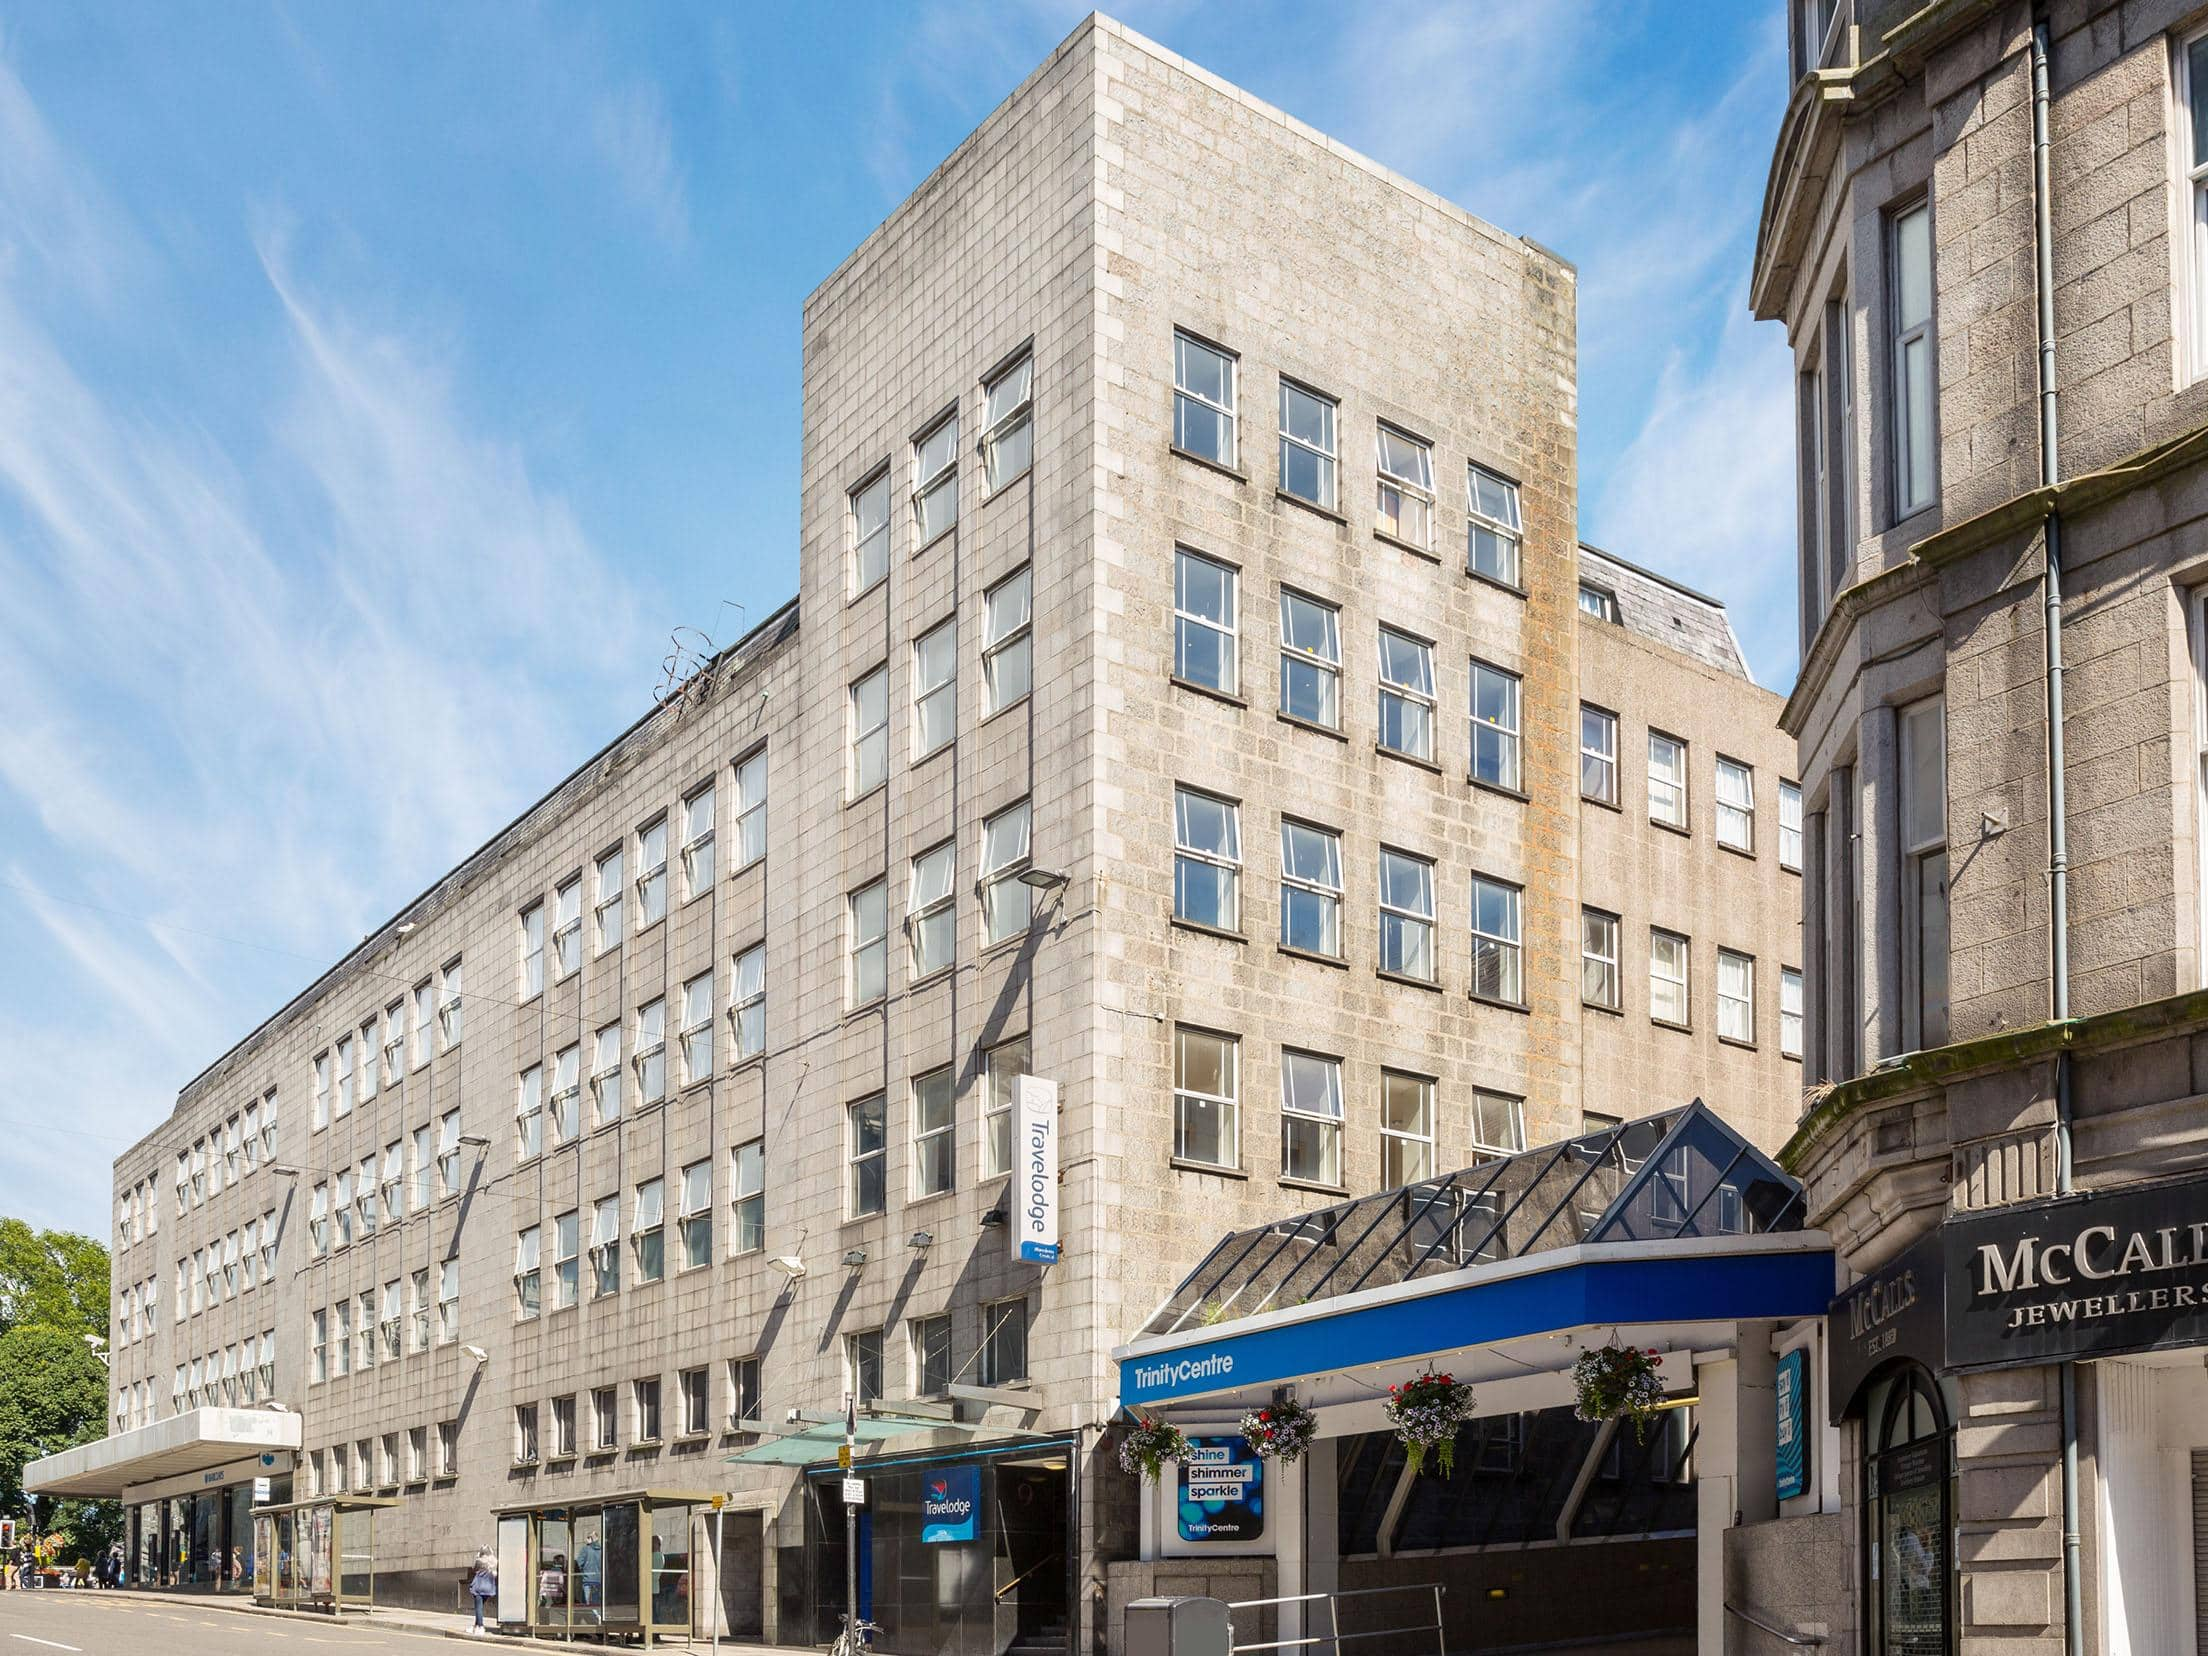 Aberdeen Central - Exterior